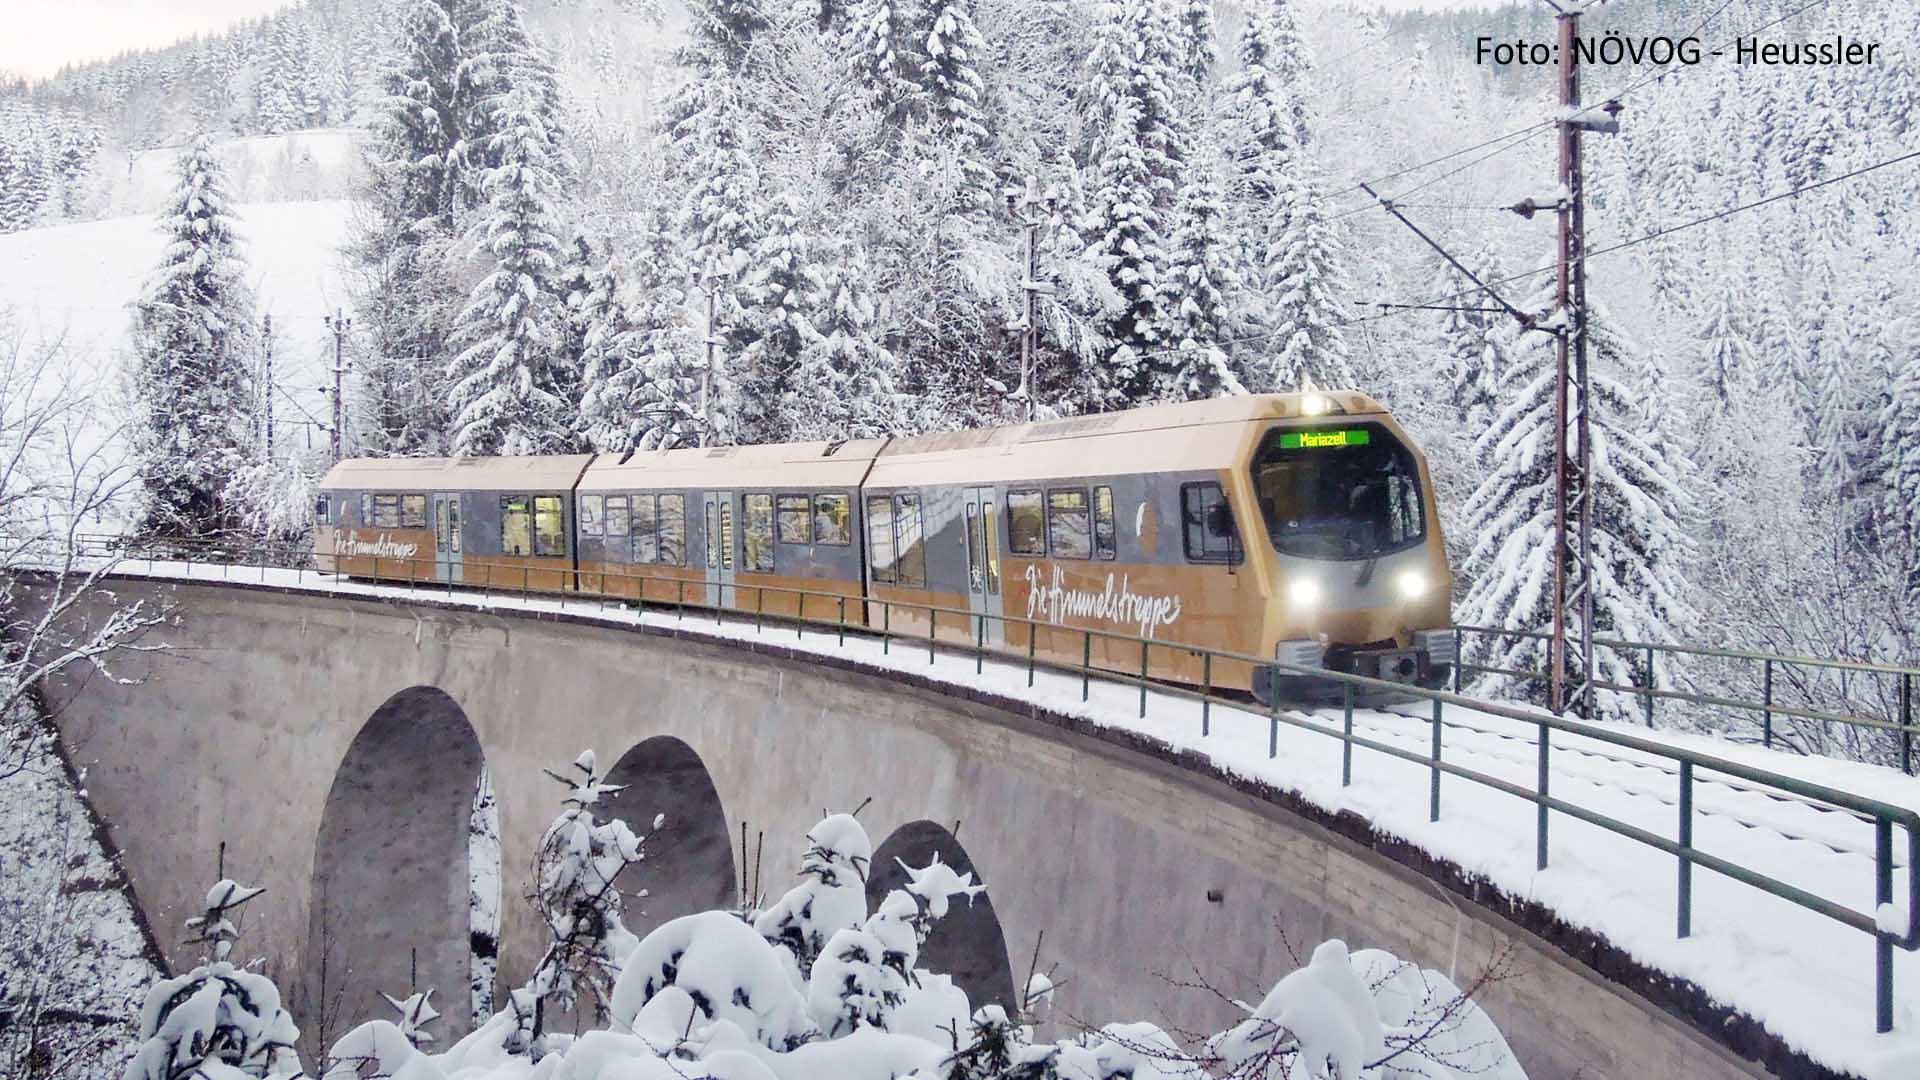 Himmelstreppe im Winter - Foto: NÖVOG-Heussler